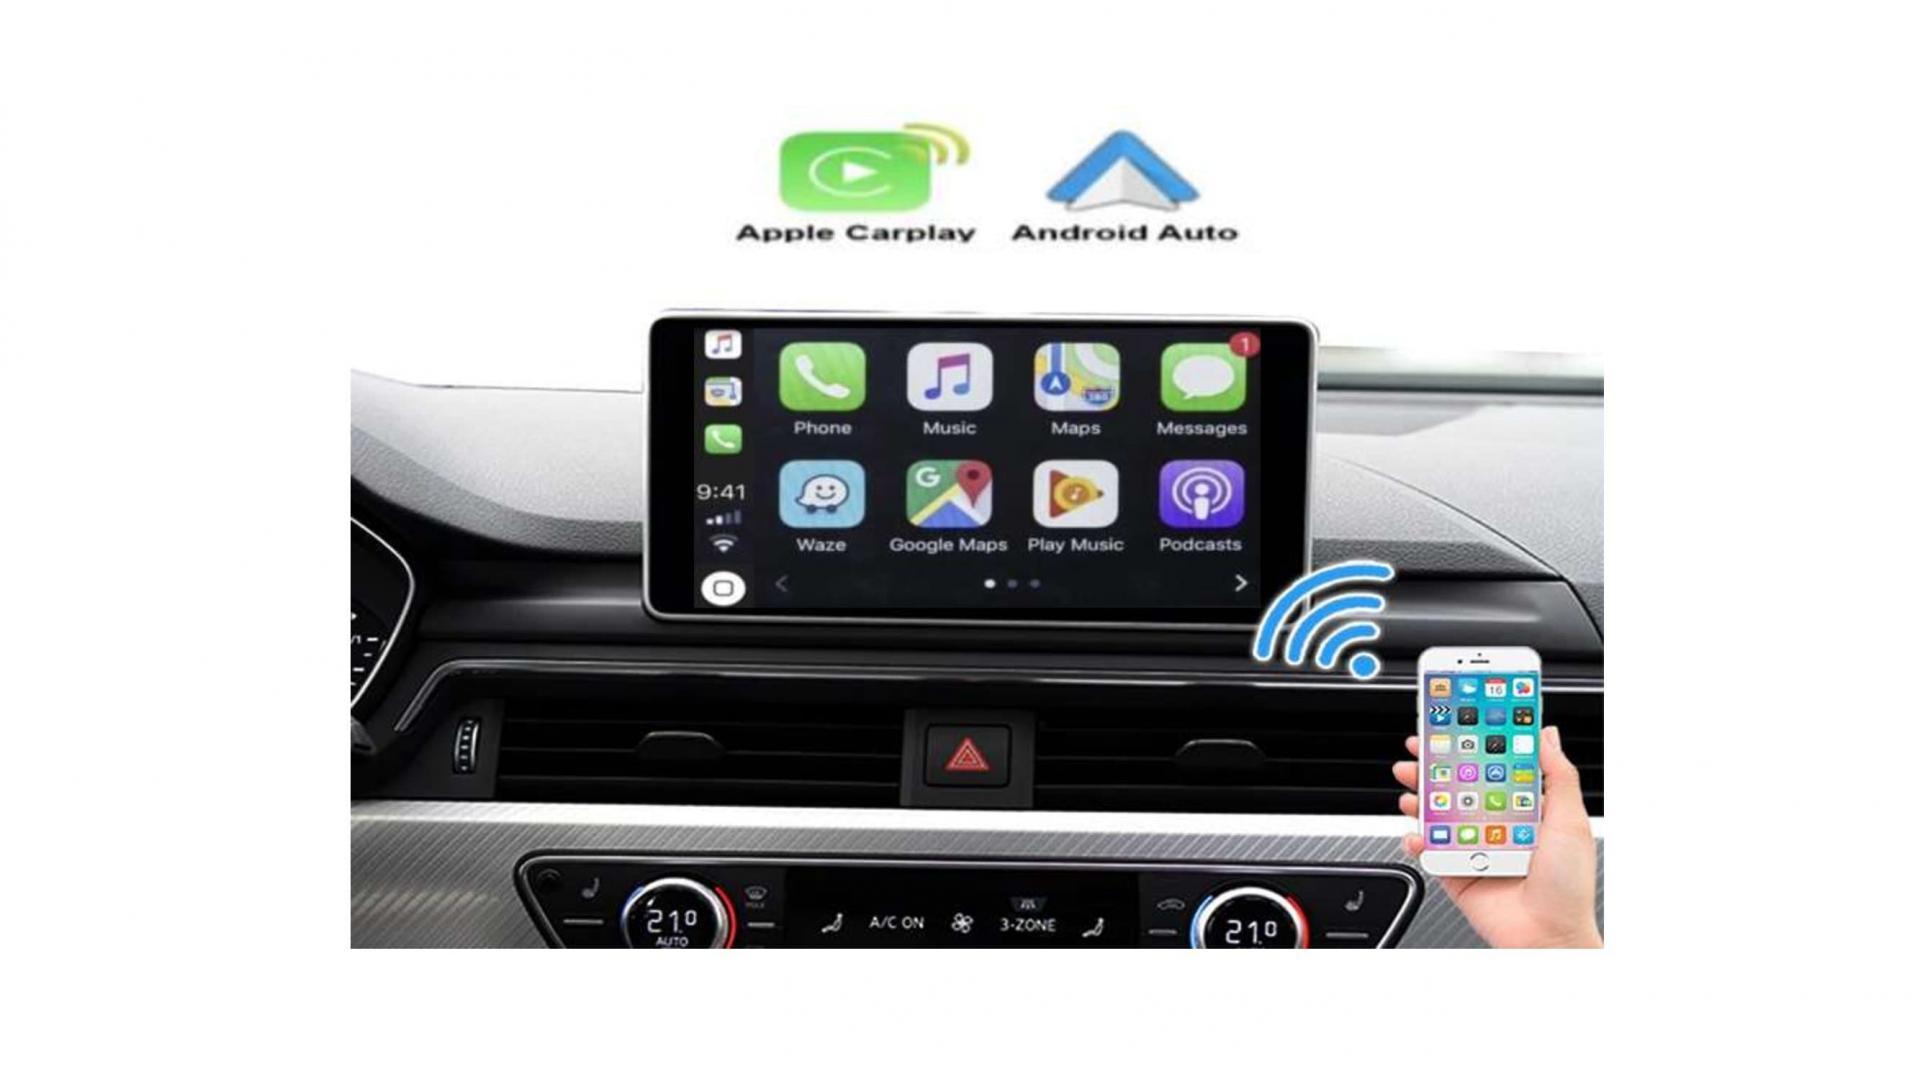 Bmw f20 f23 21 7 f06 f12 g11 x3 f25 x4carplay android auto gps autoradio i3 x3 m3 m5 x1 f48 x2 f39 2010 2011 2012 2013 2014 2015 2016 2017 2018 2019 e84 camera commande au serie 1